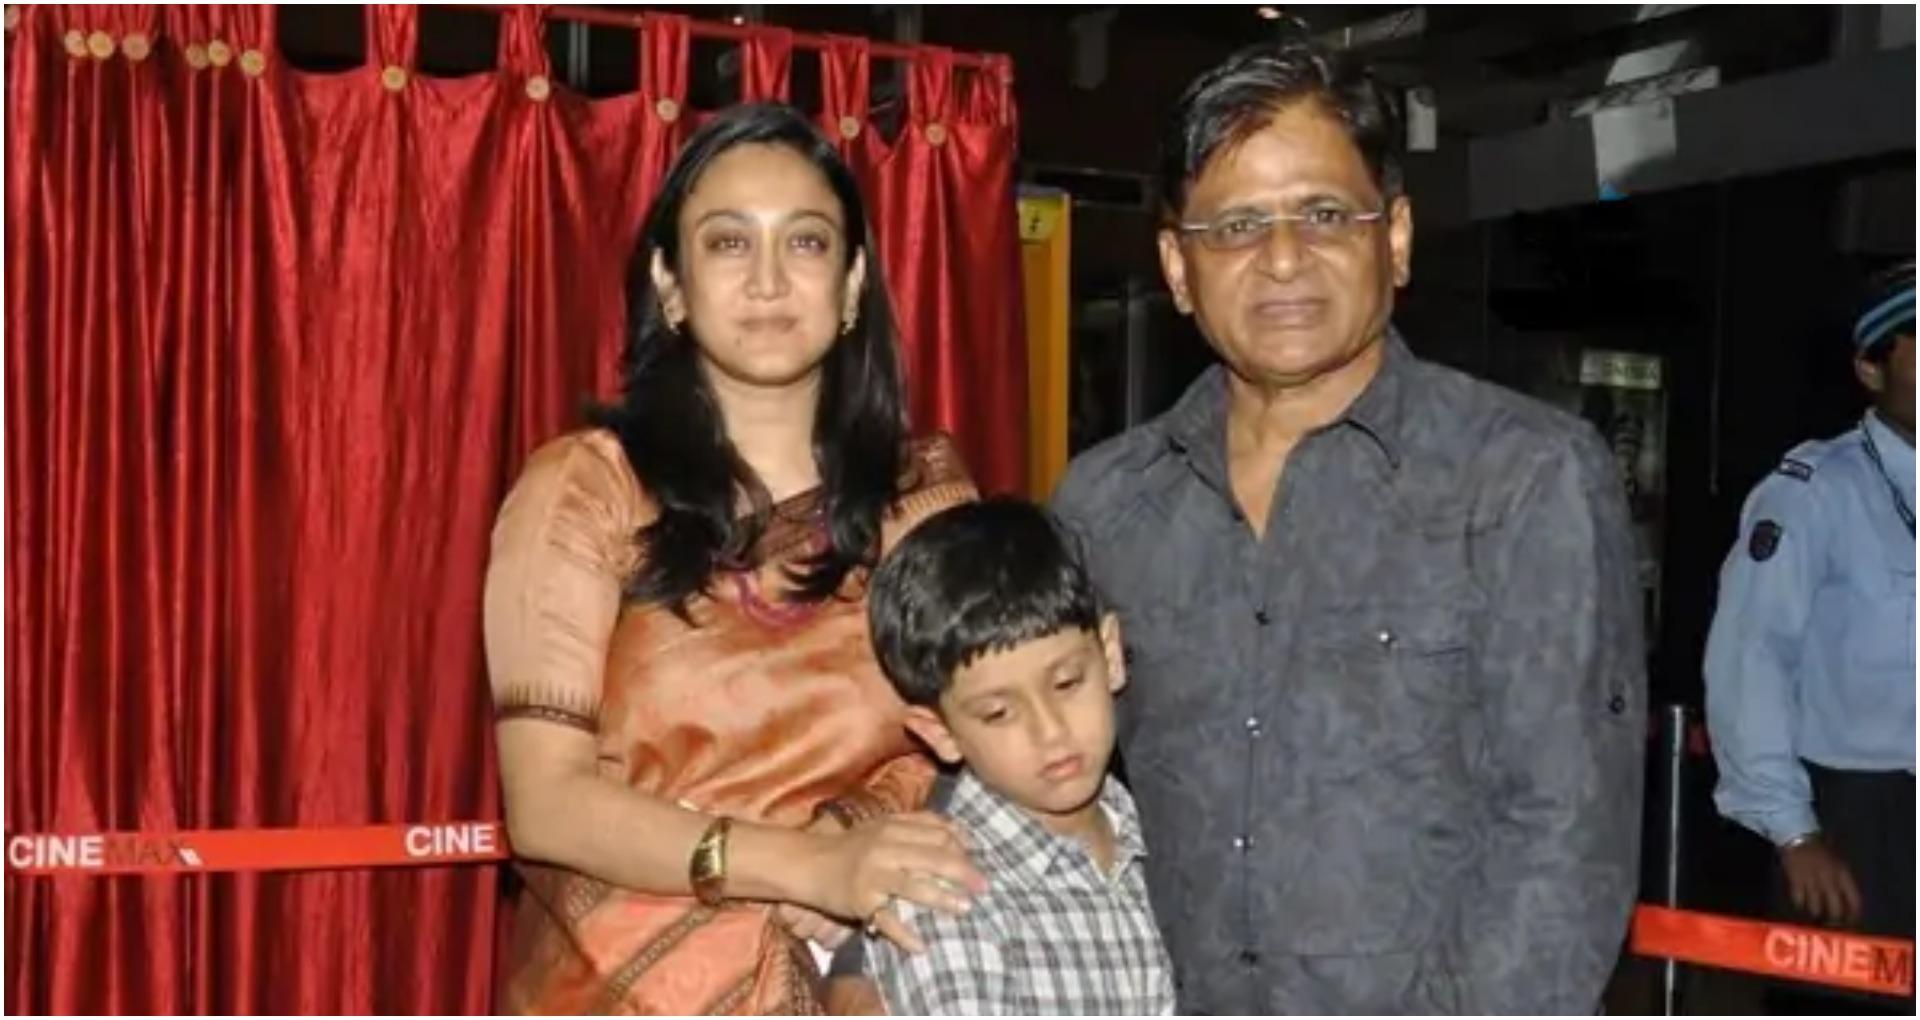 EXCLUSIVE: रघुवीर यादव को कोर्ट से मिला समंस, होना पड़ेगा इस दिन अदालत में हाजिर, पढ़ें पूरी रिपोर्ट